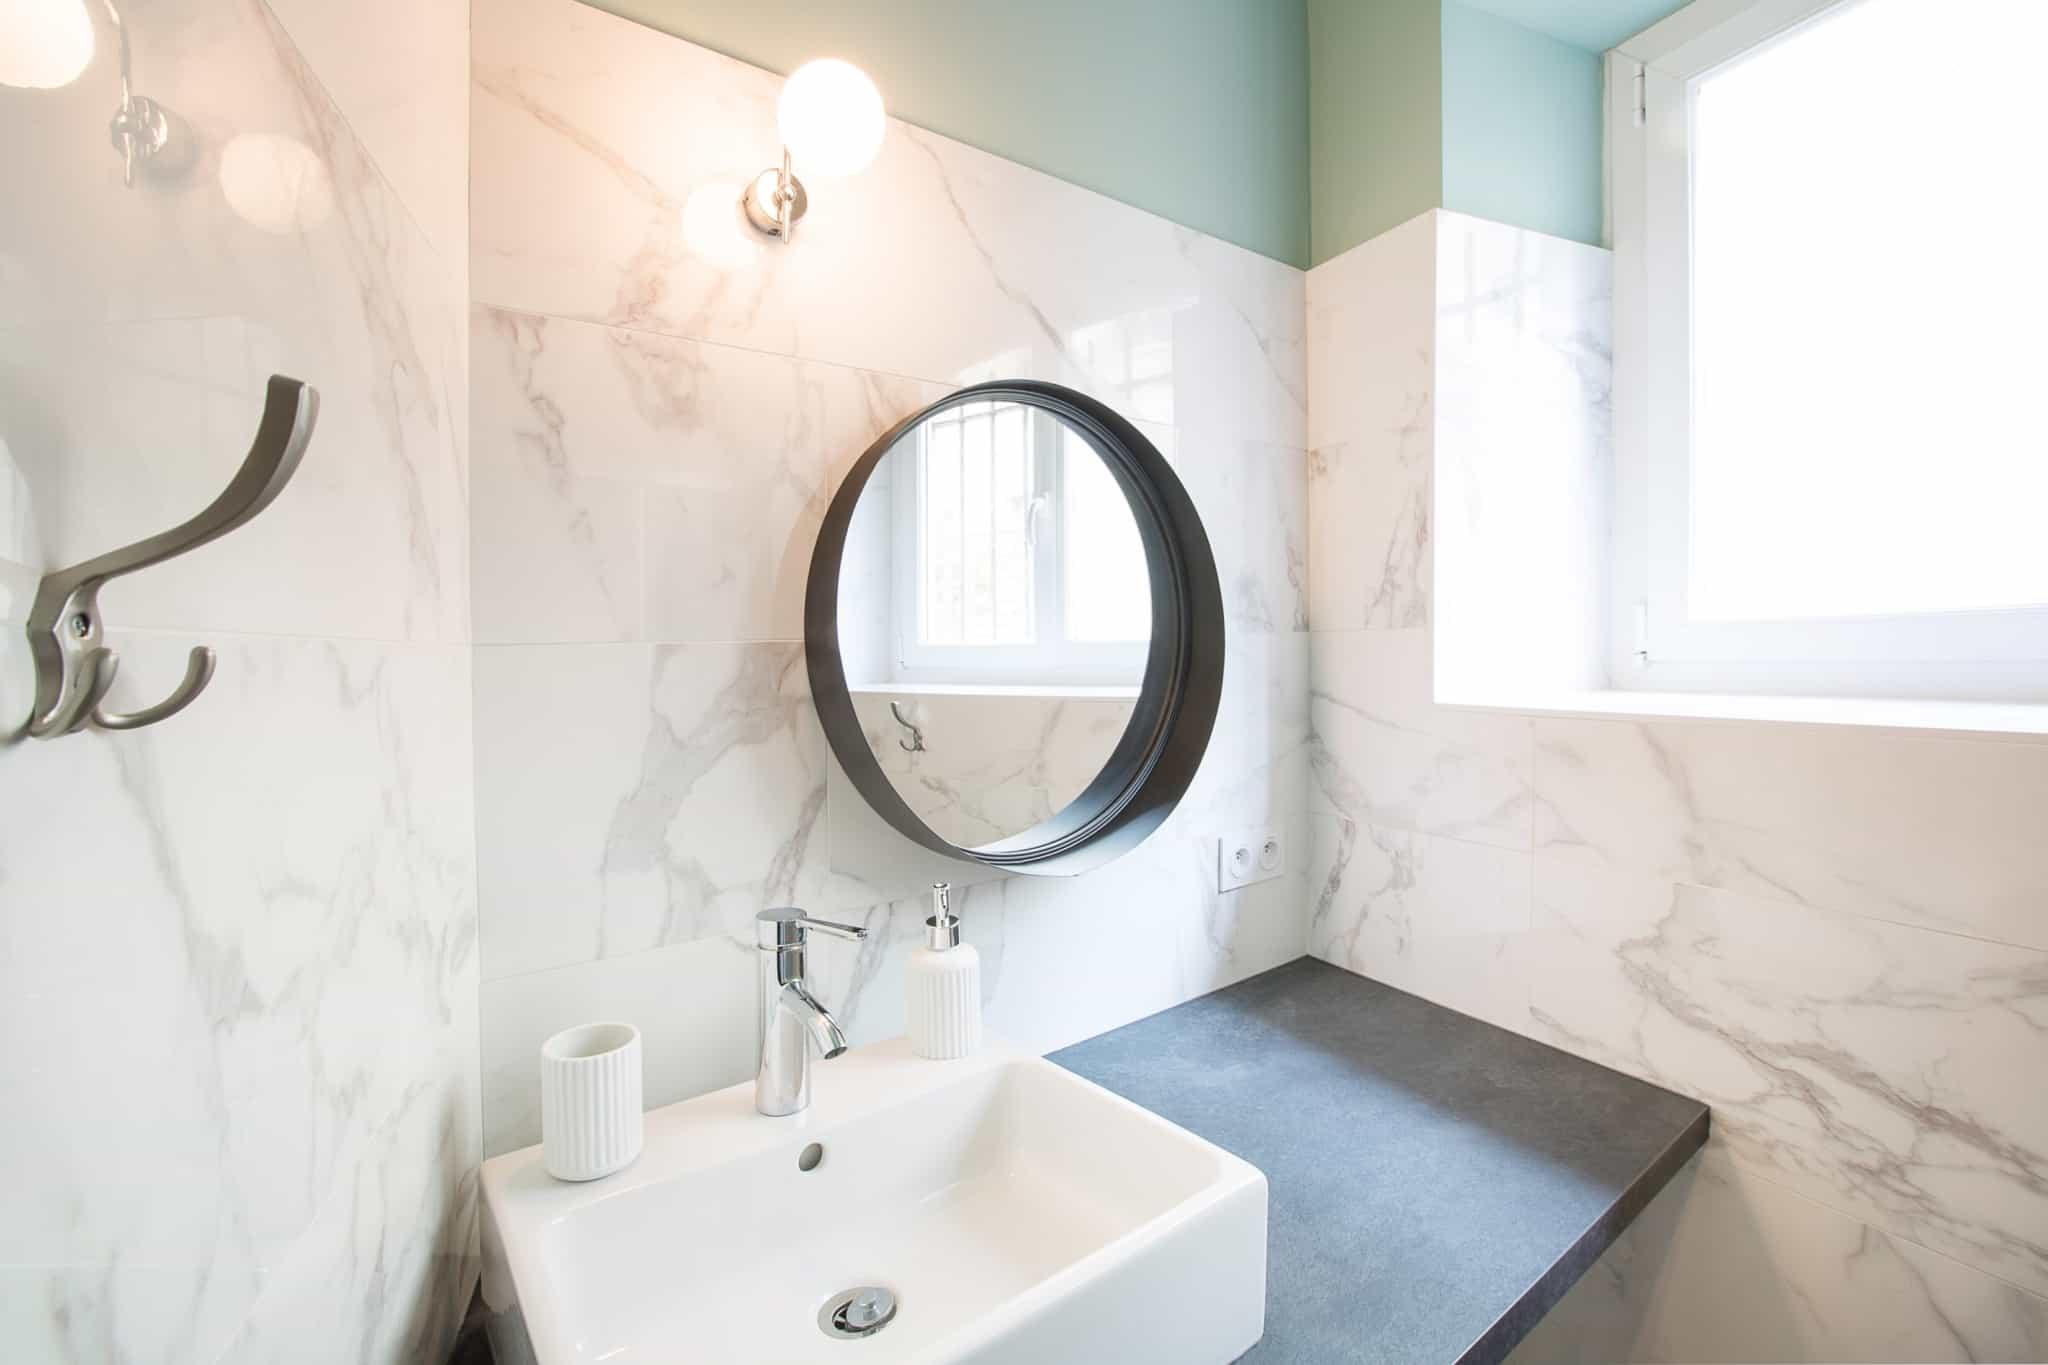 casa de banho com espelho redondo